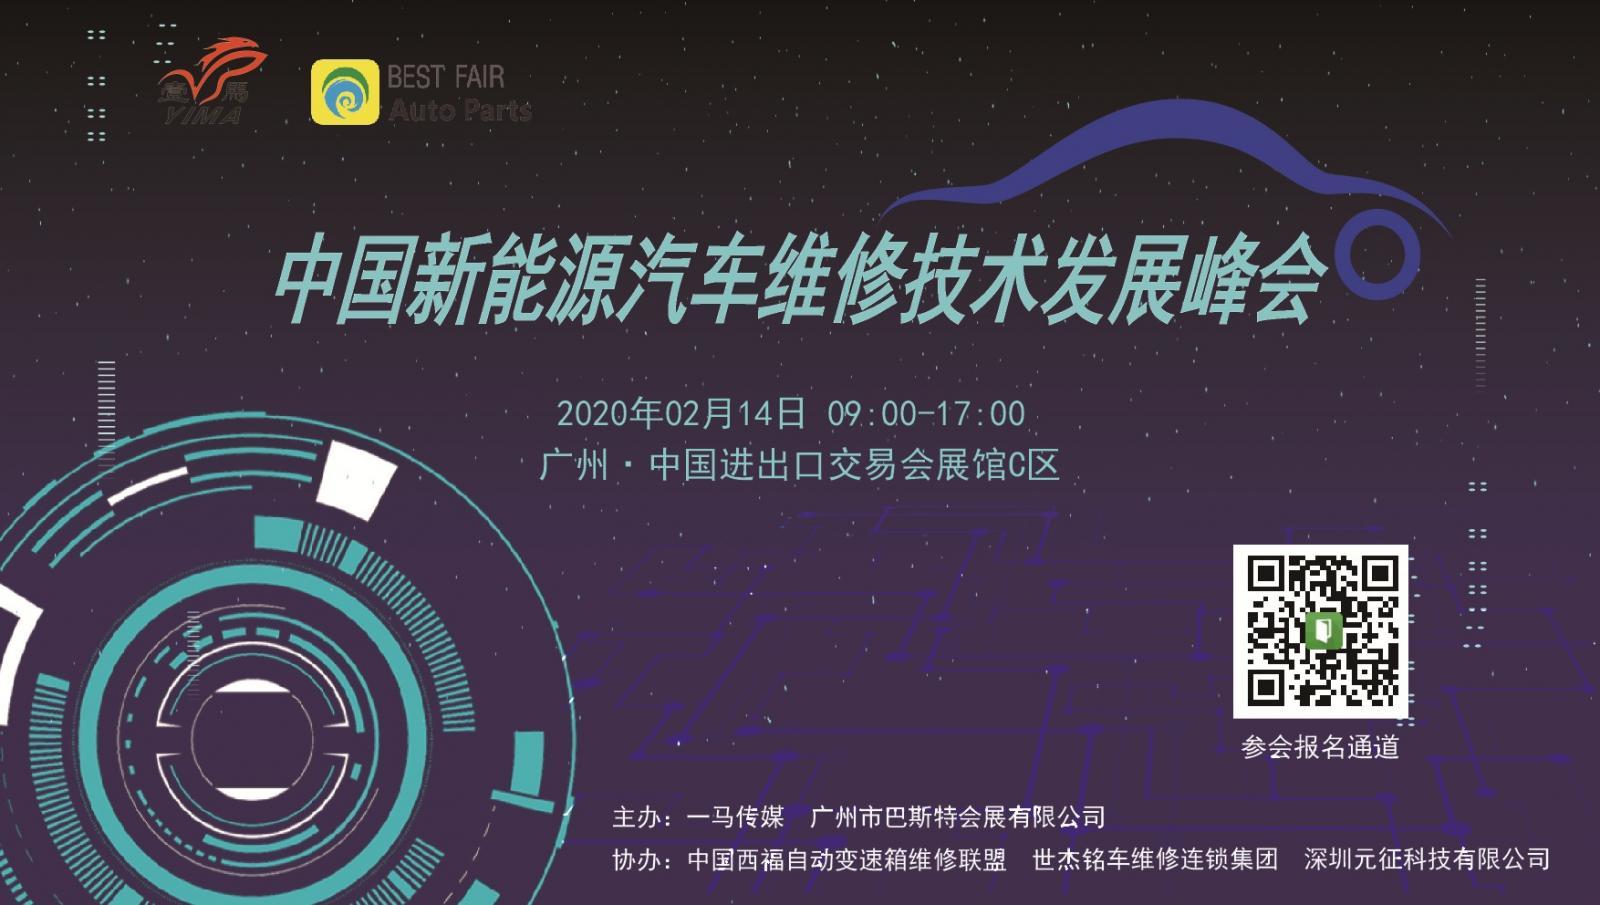 中国新能源汽车维修技术发展峰会